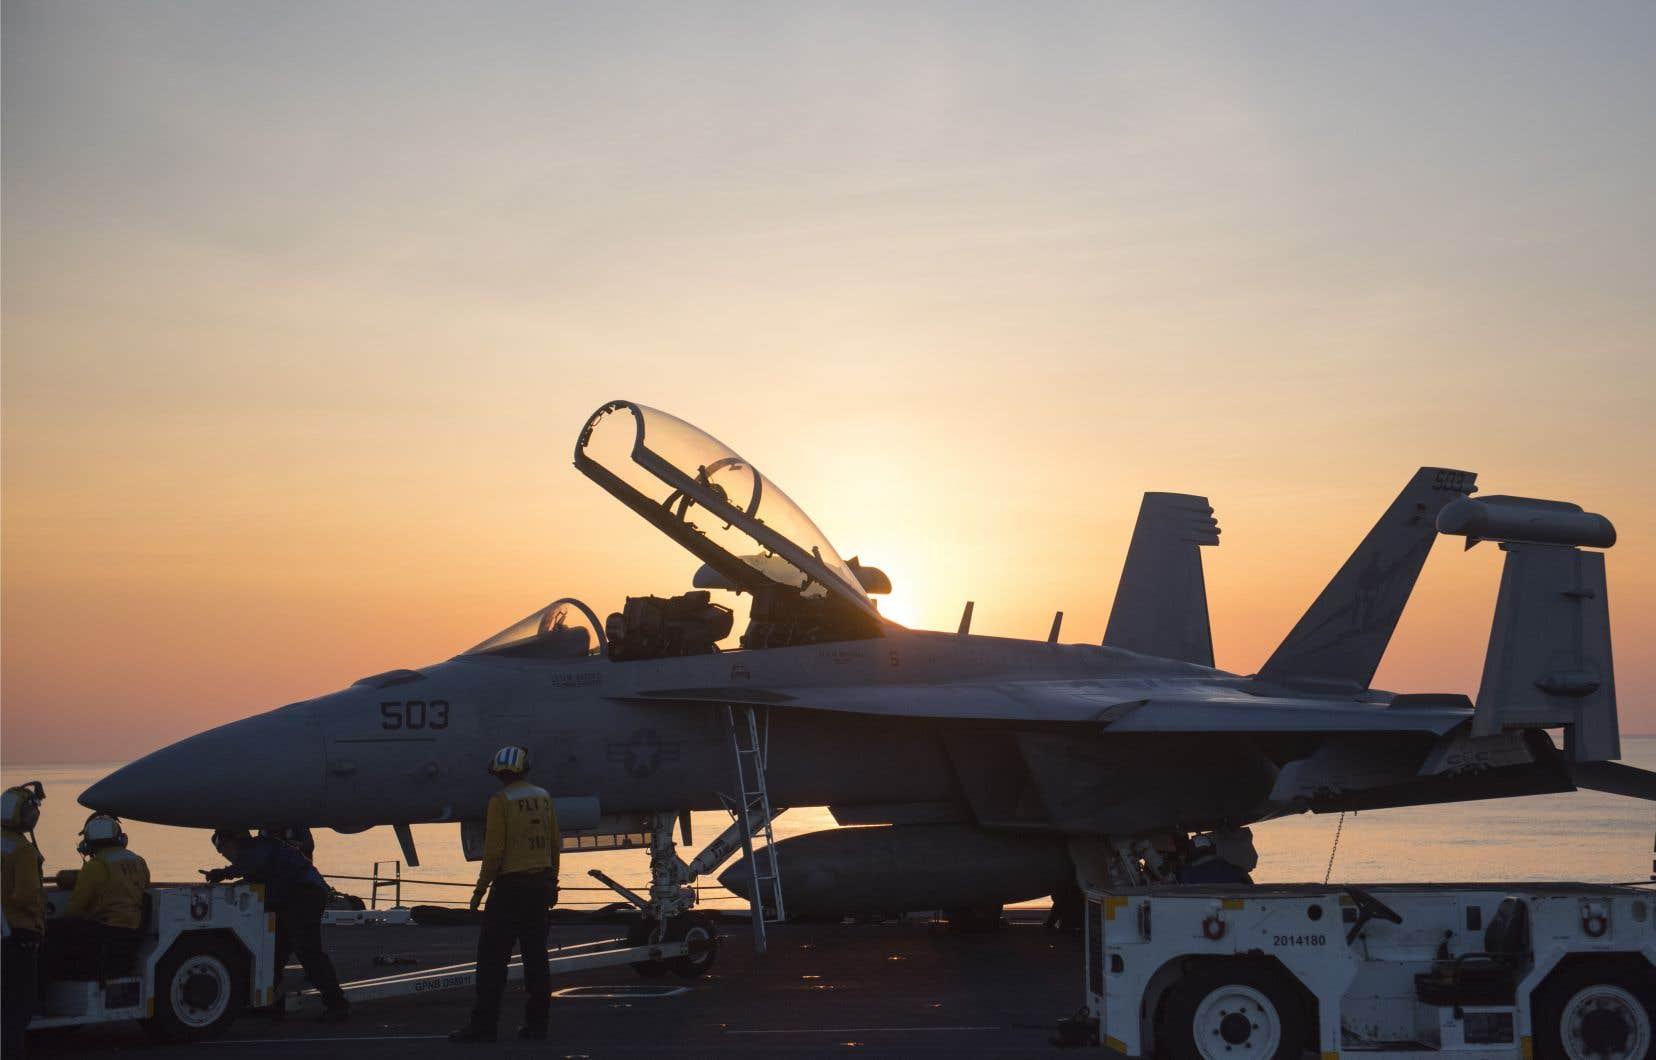 Les avions impliqués sont un chasseur F/A-18, avec deux membres à bord, et un avion de ravitaillement KC-130 avec cinq occupants.